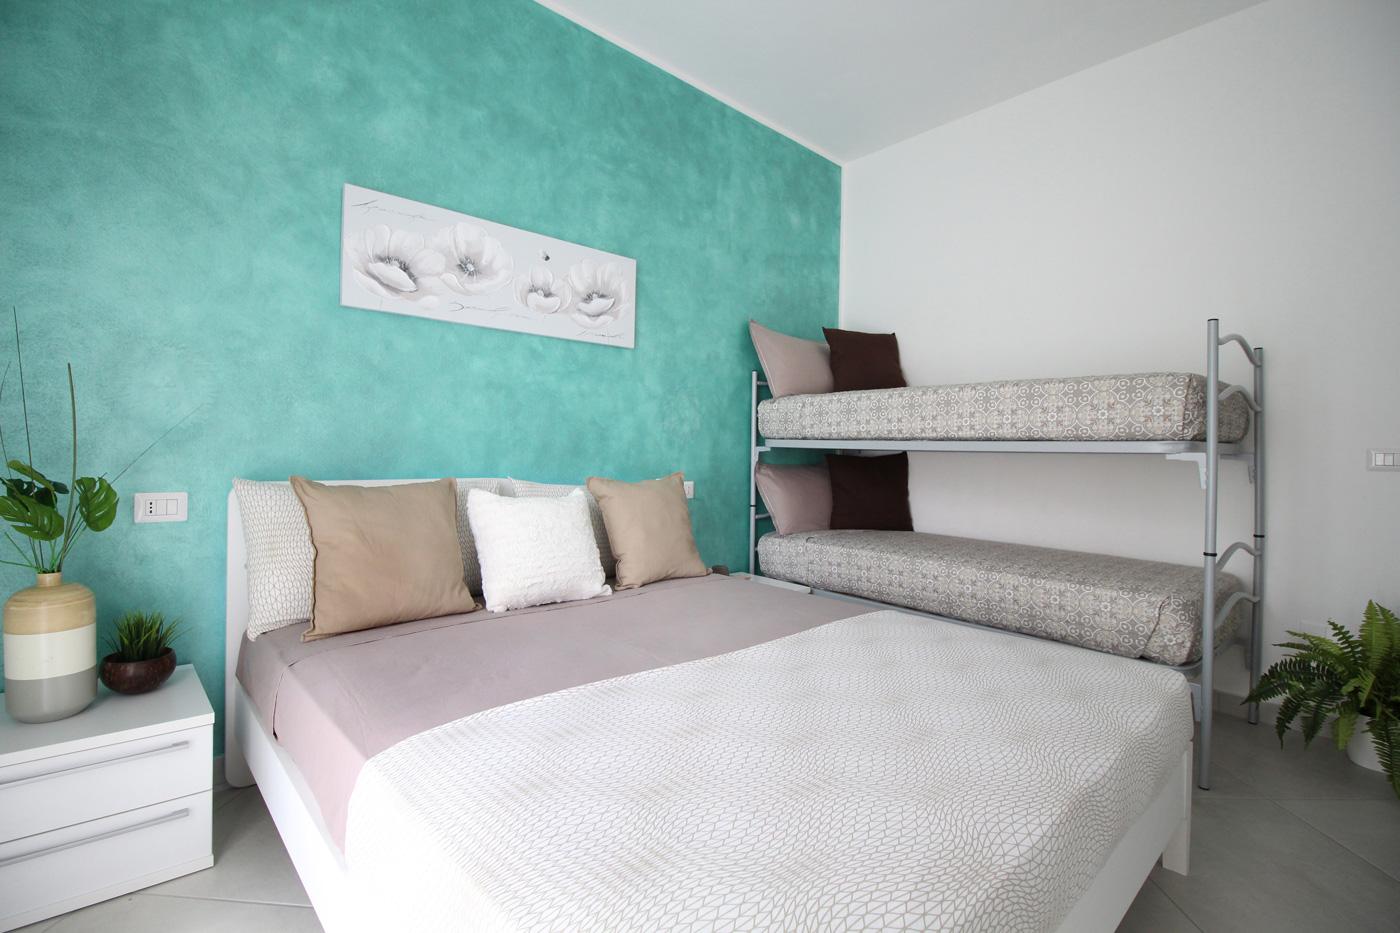 Appartamento Sofia_Romagna case vacanze_Gatteo mare_San mauro_9704